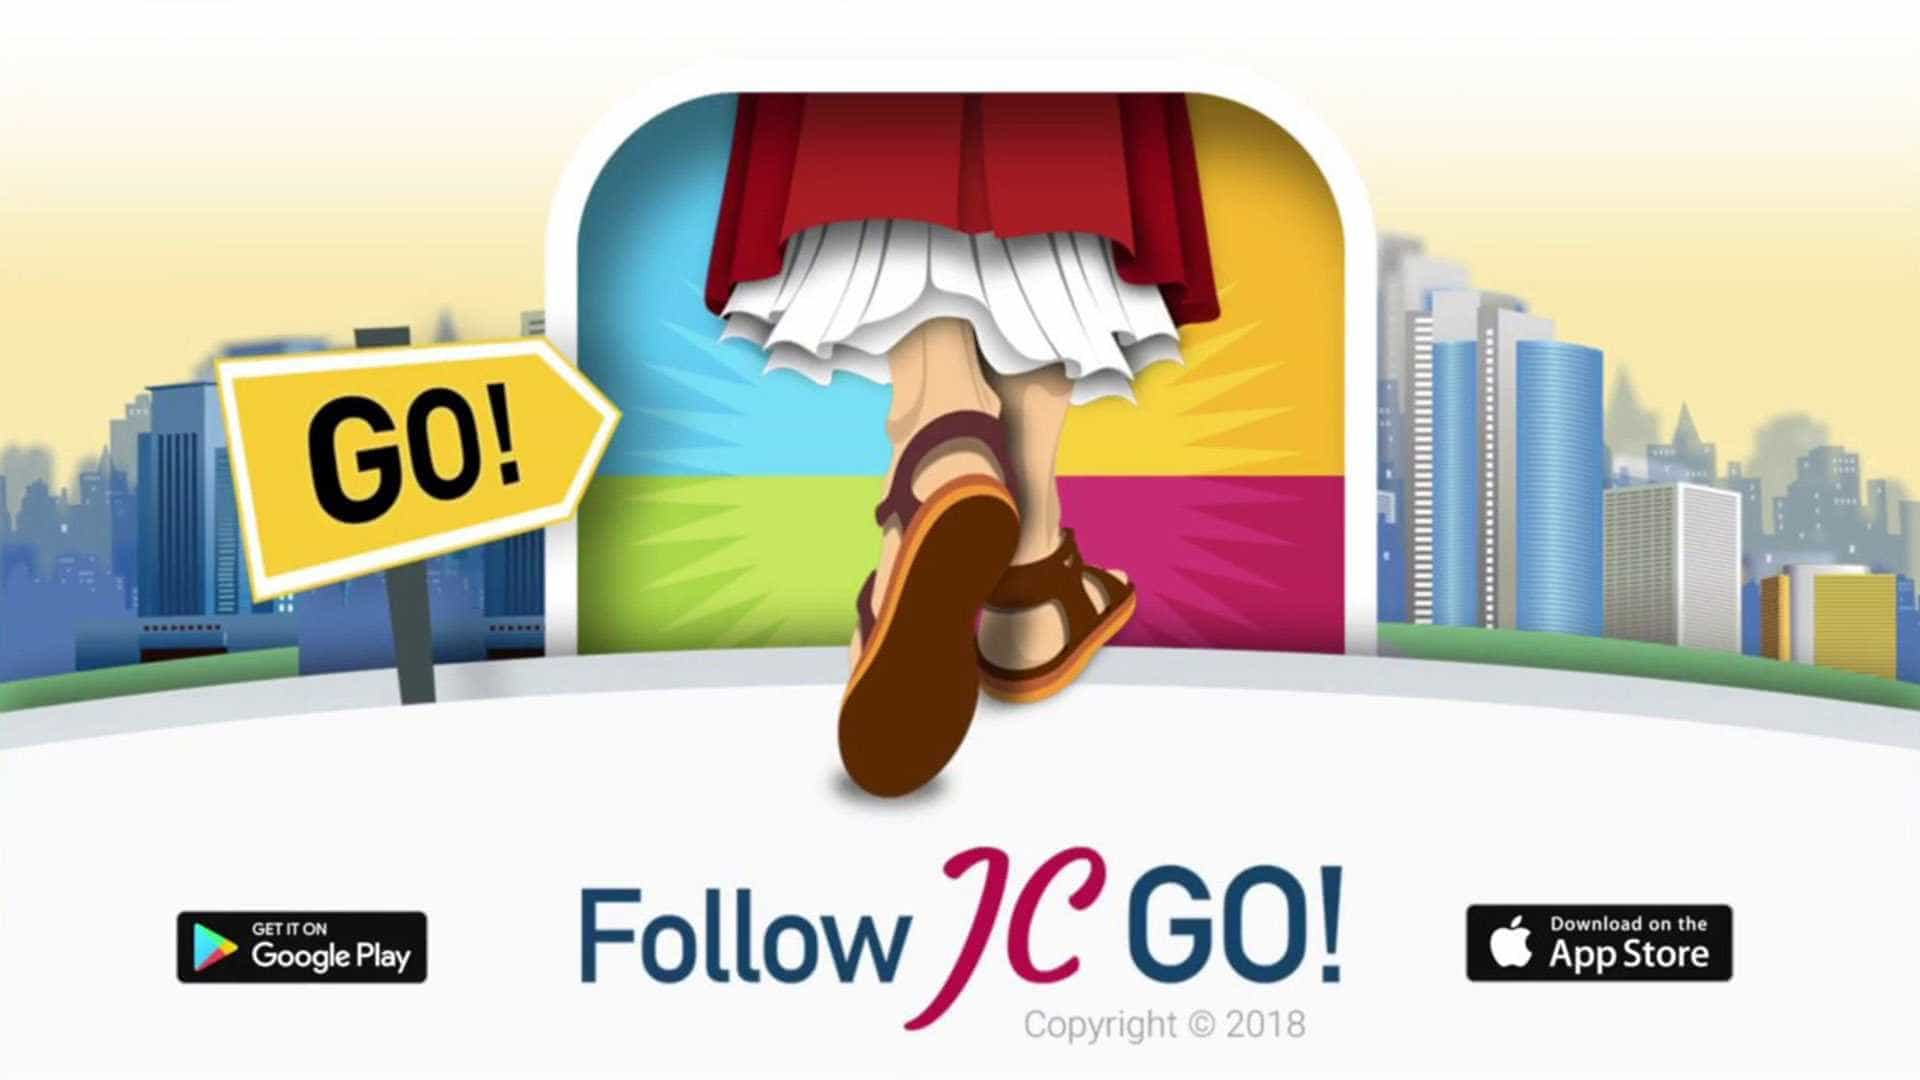 Conheça o 'FollowJC Go!', o 'Pokemon Go!' do mundo católico